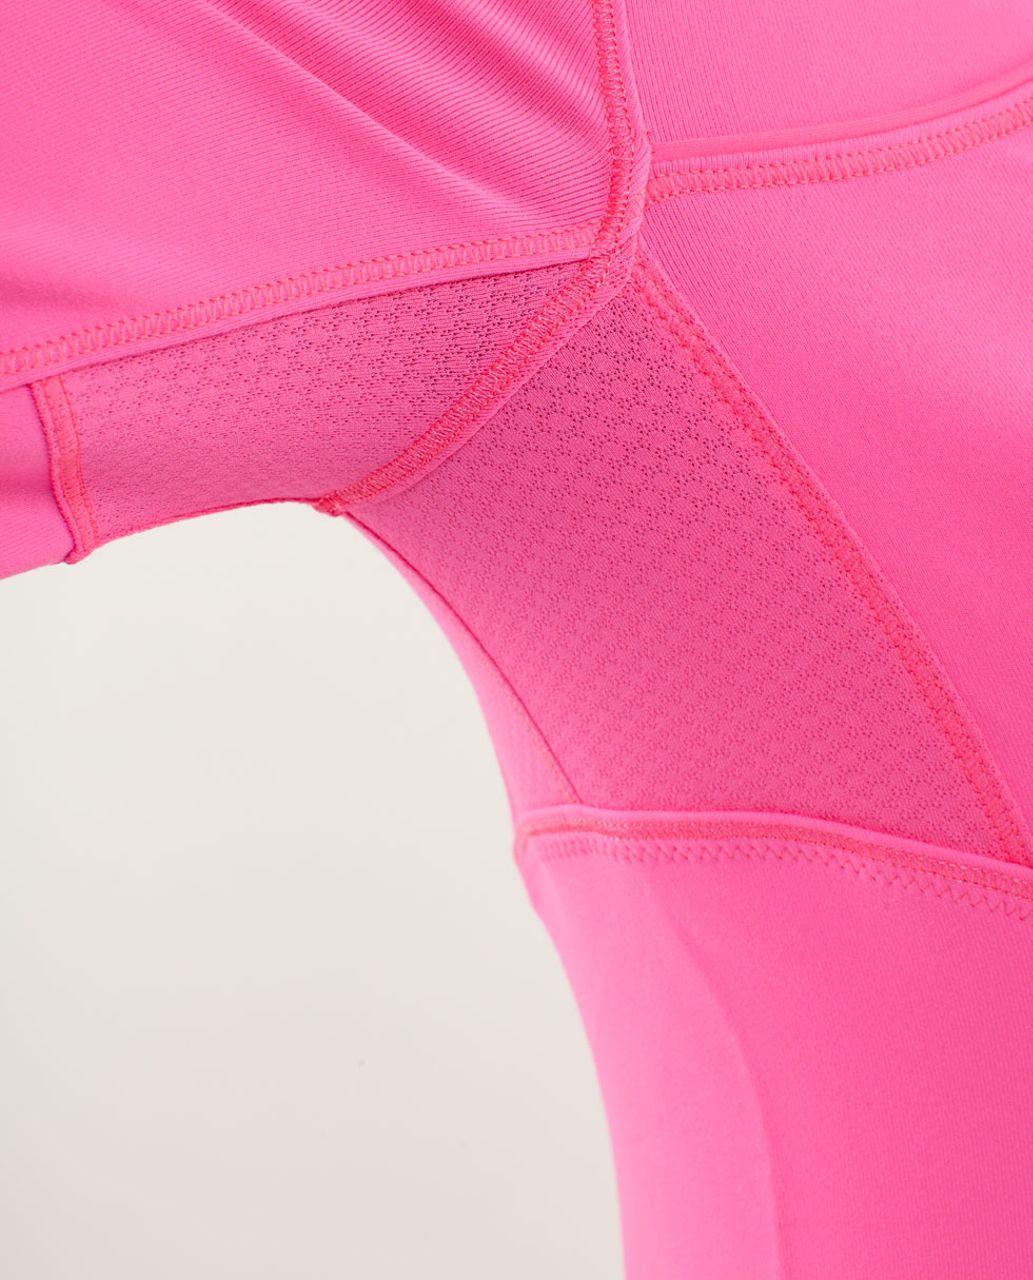 Lululemon Forme Jacket - Pinkelicious